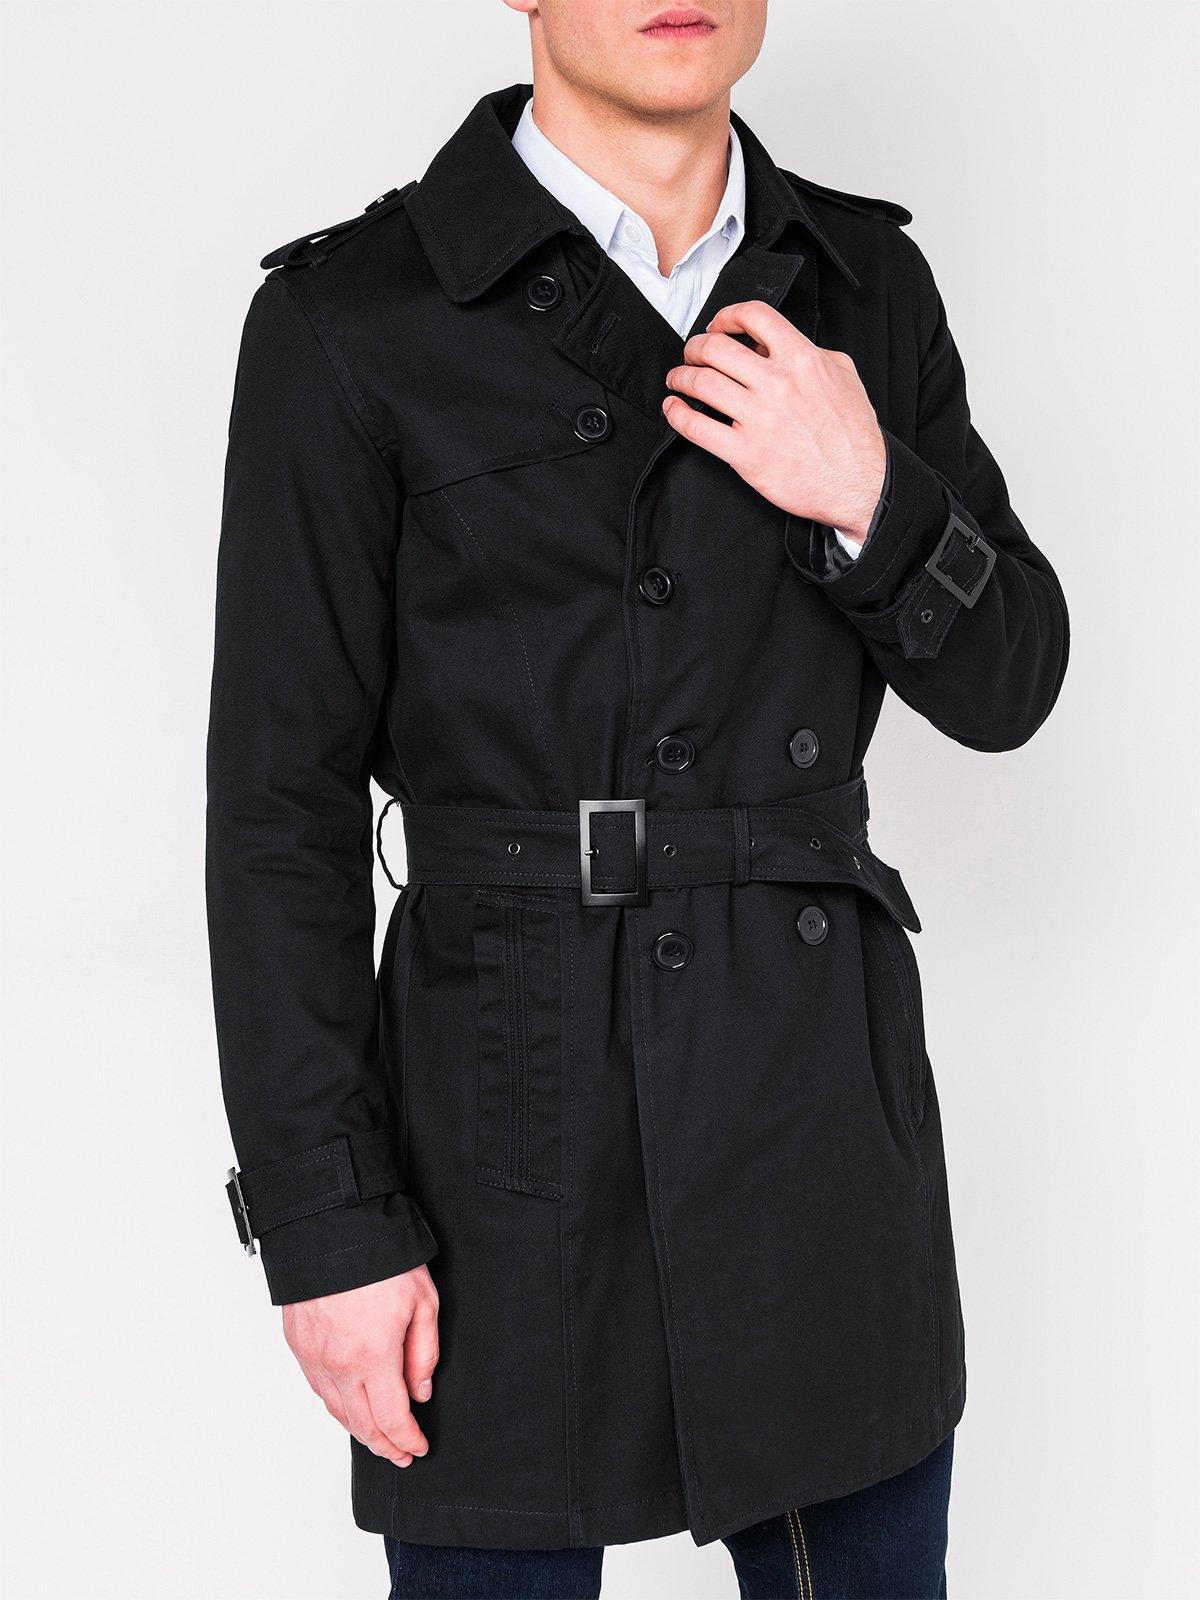 Ombre Clothing Men's coat C346